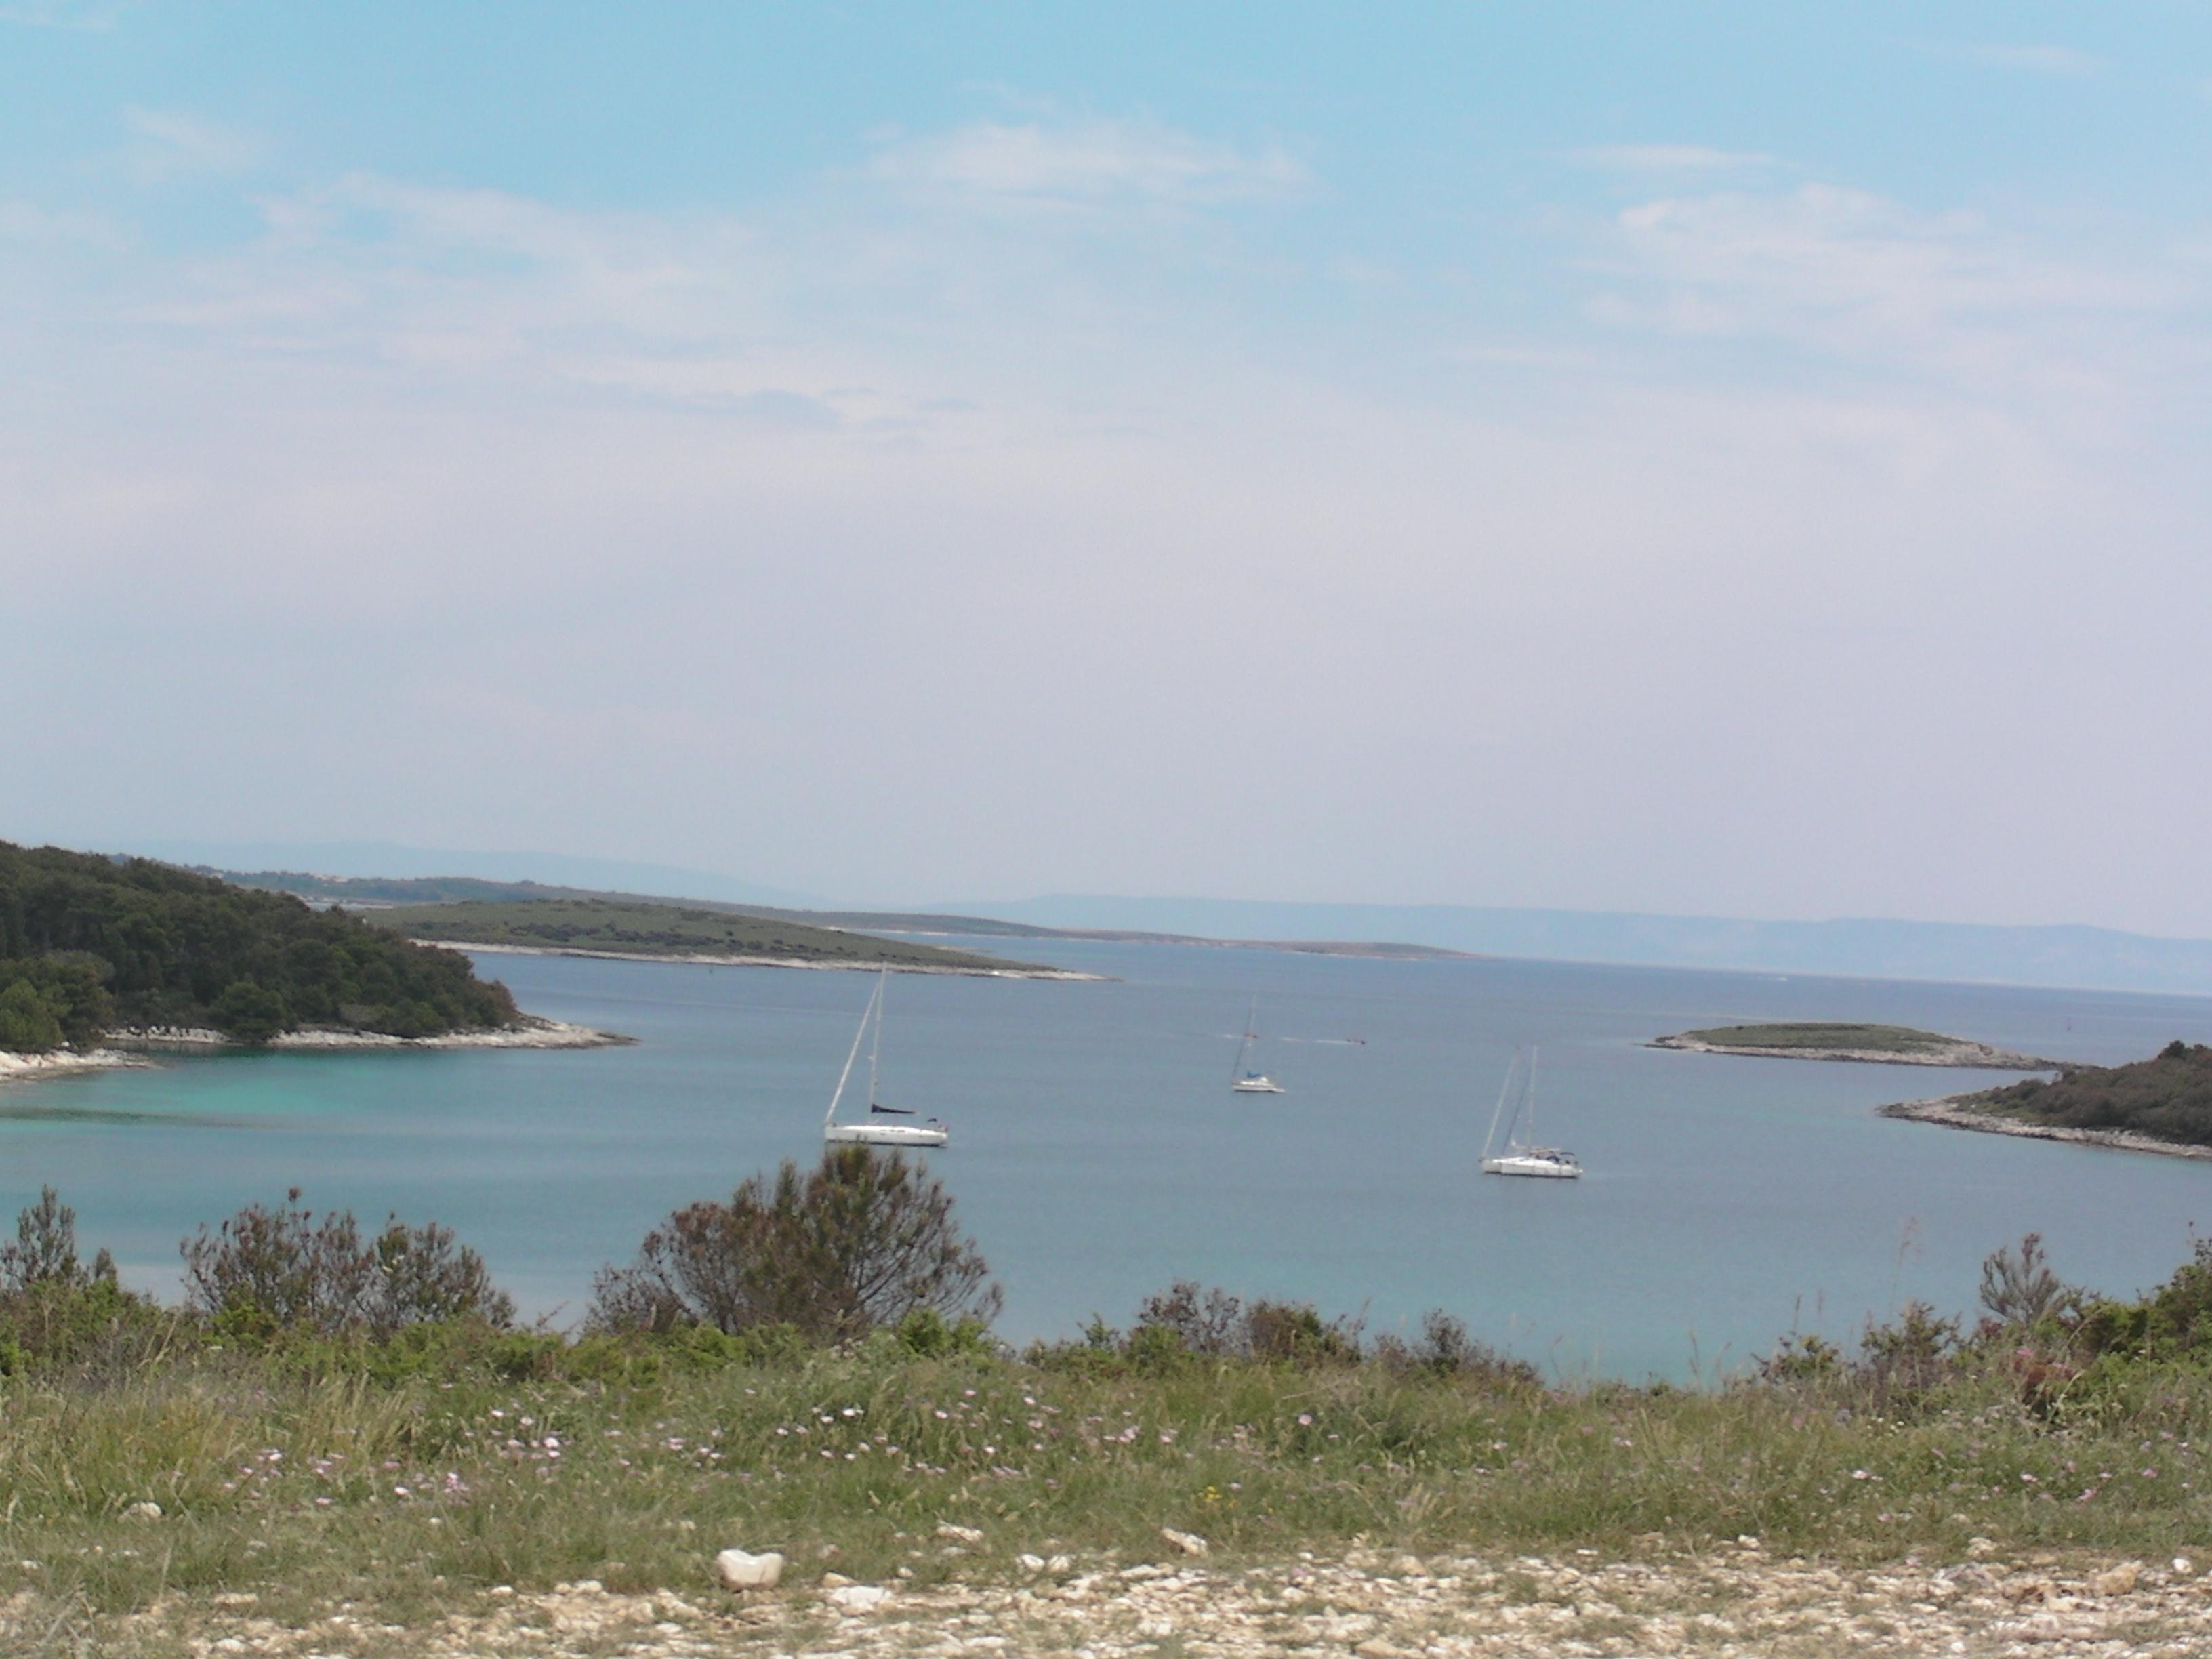 Naturpark Kap Kamenjak